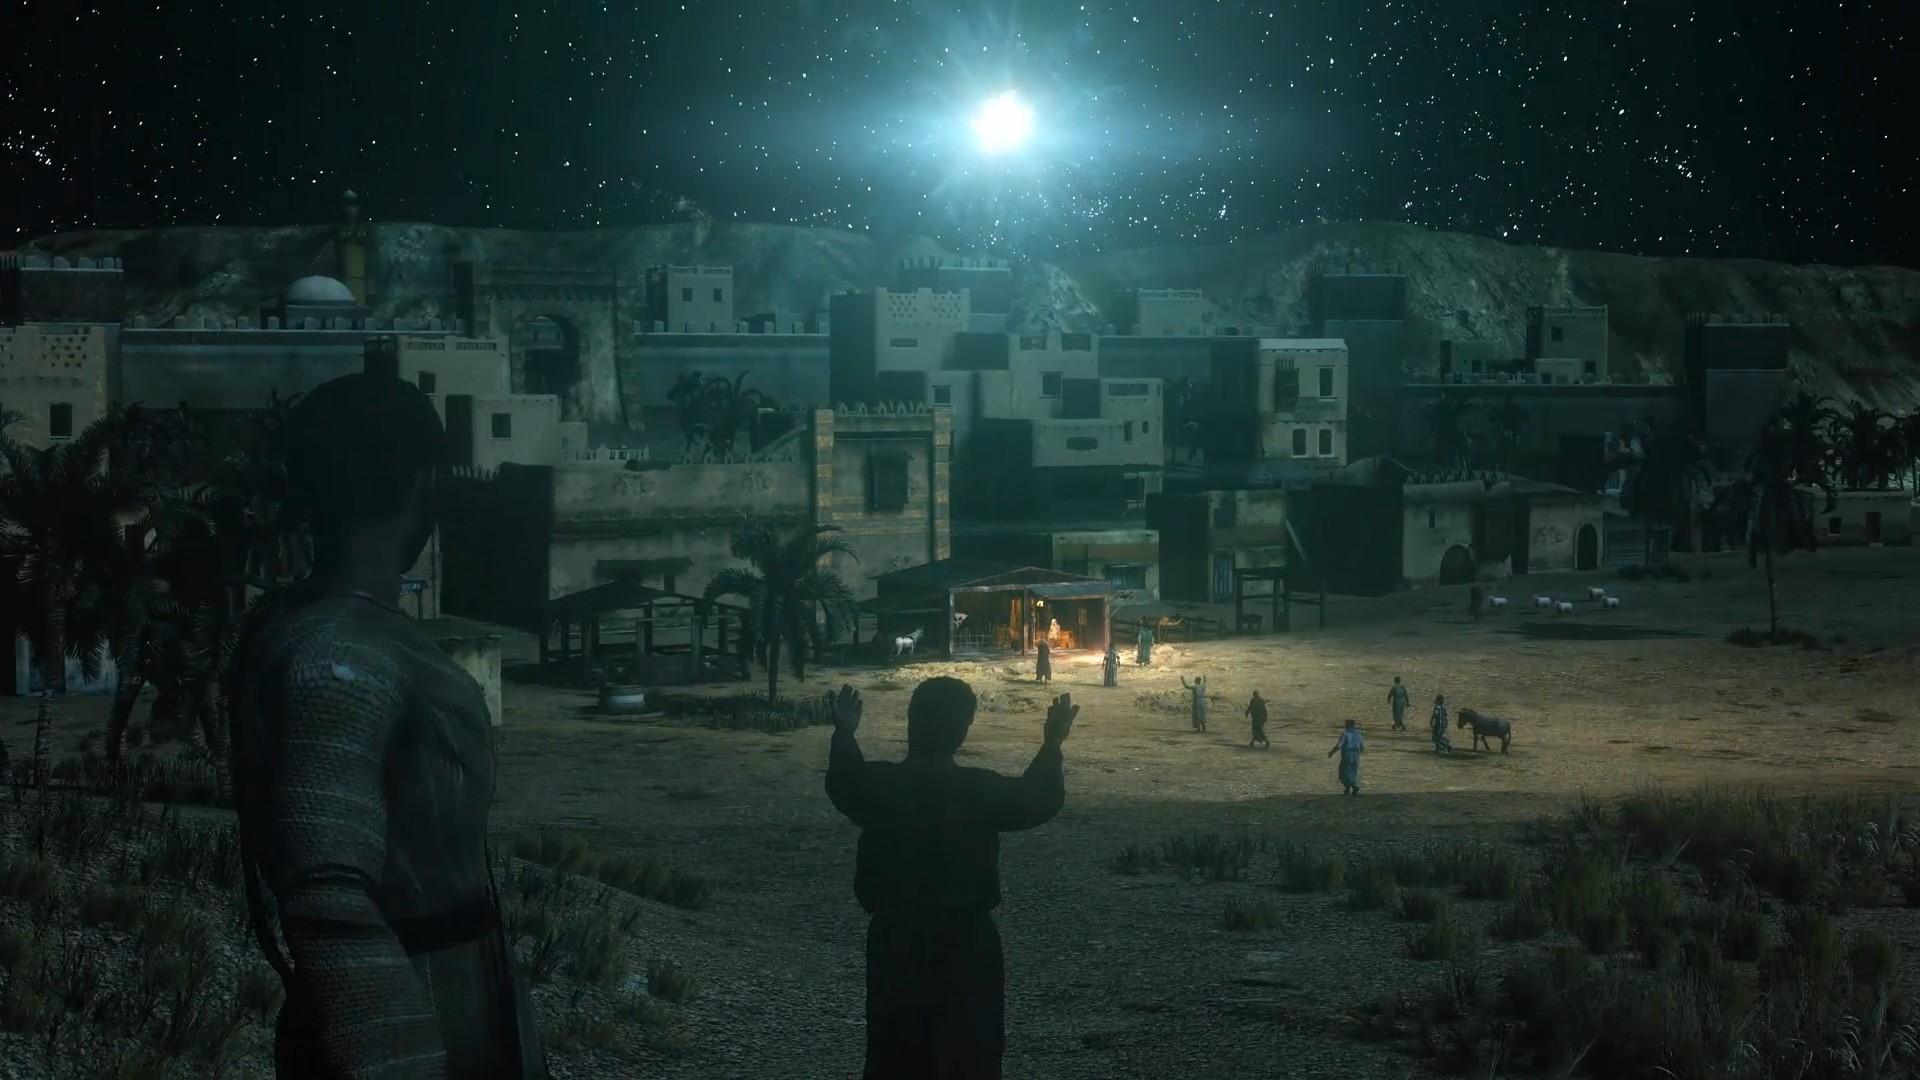 宣传正当时 《我是耶稣》发布圣诞主题预告片